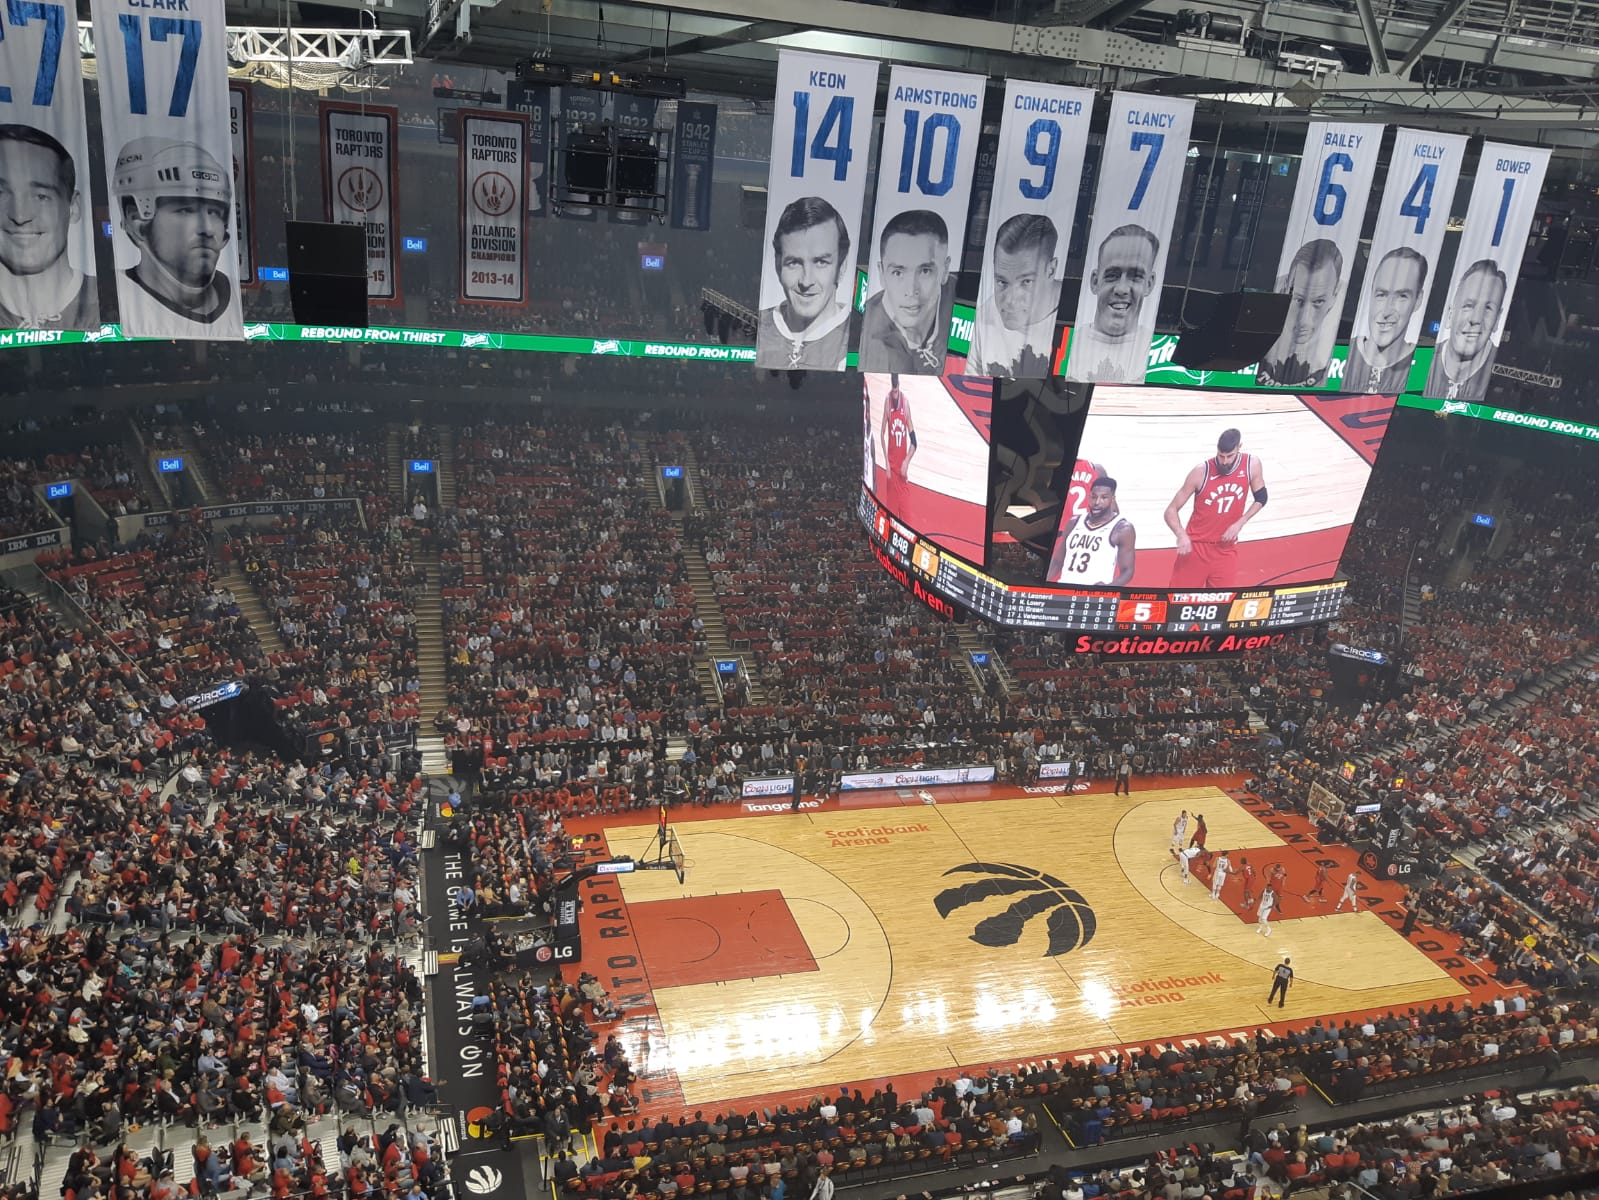 Ce mercredi 17 octobre 2018,  au Scotiabank Arena, l'équipe torontoise de la NBA, les Toronto Raptors debutaient leur 24è saison face aux Cavaliers de Cleveland sans leur star Lebron James qui est parti aux Lakers de Los Angeles